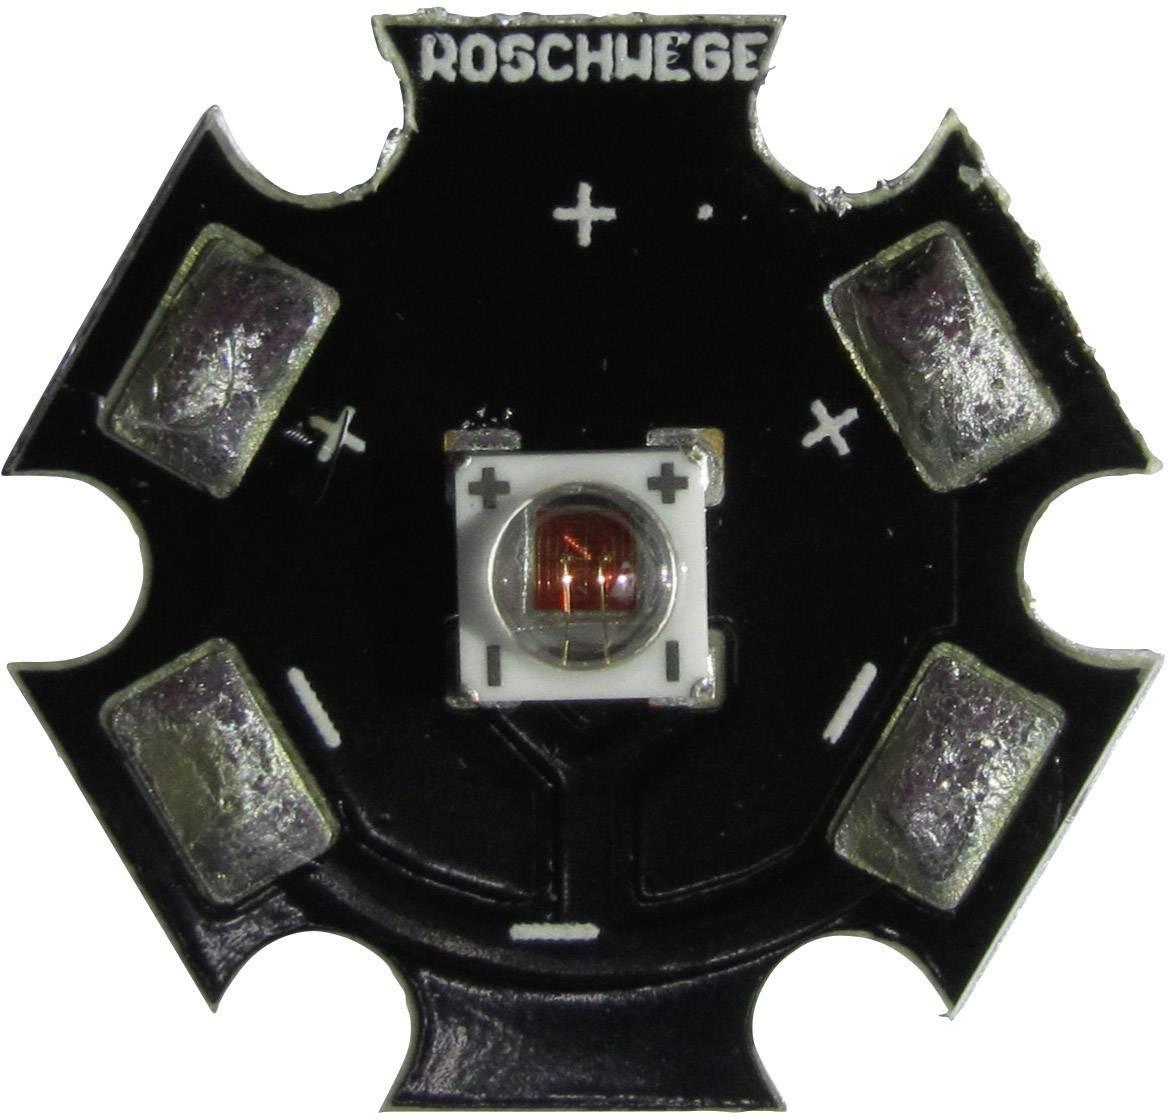 HighPower LED Roschwege 10 W, 11.2 V, 1000 mA, sýto červená